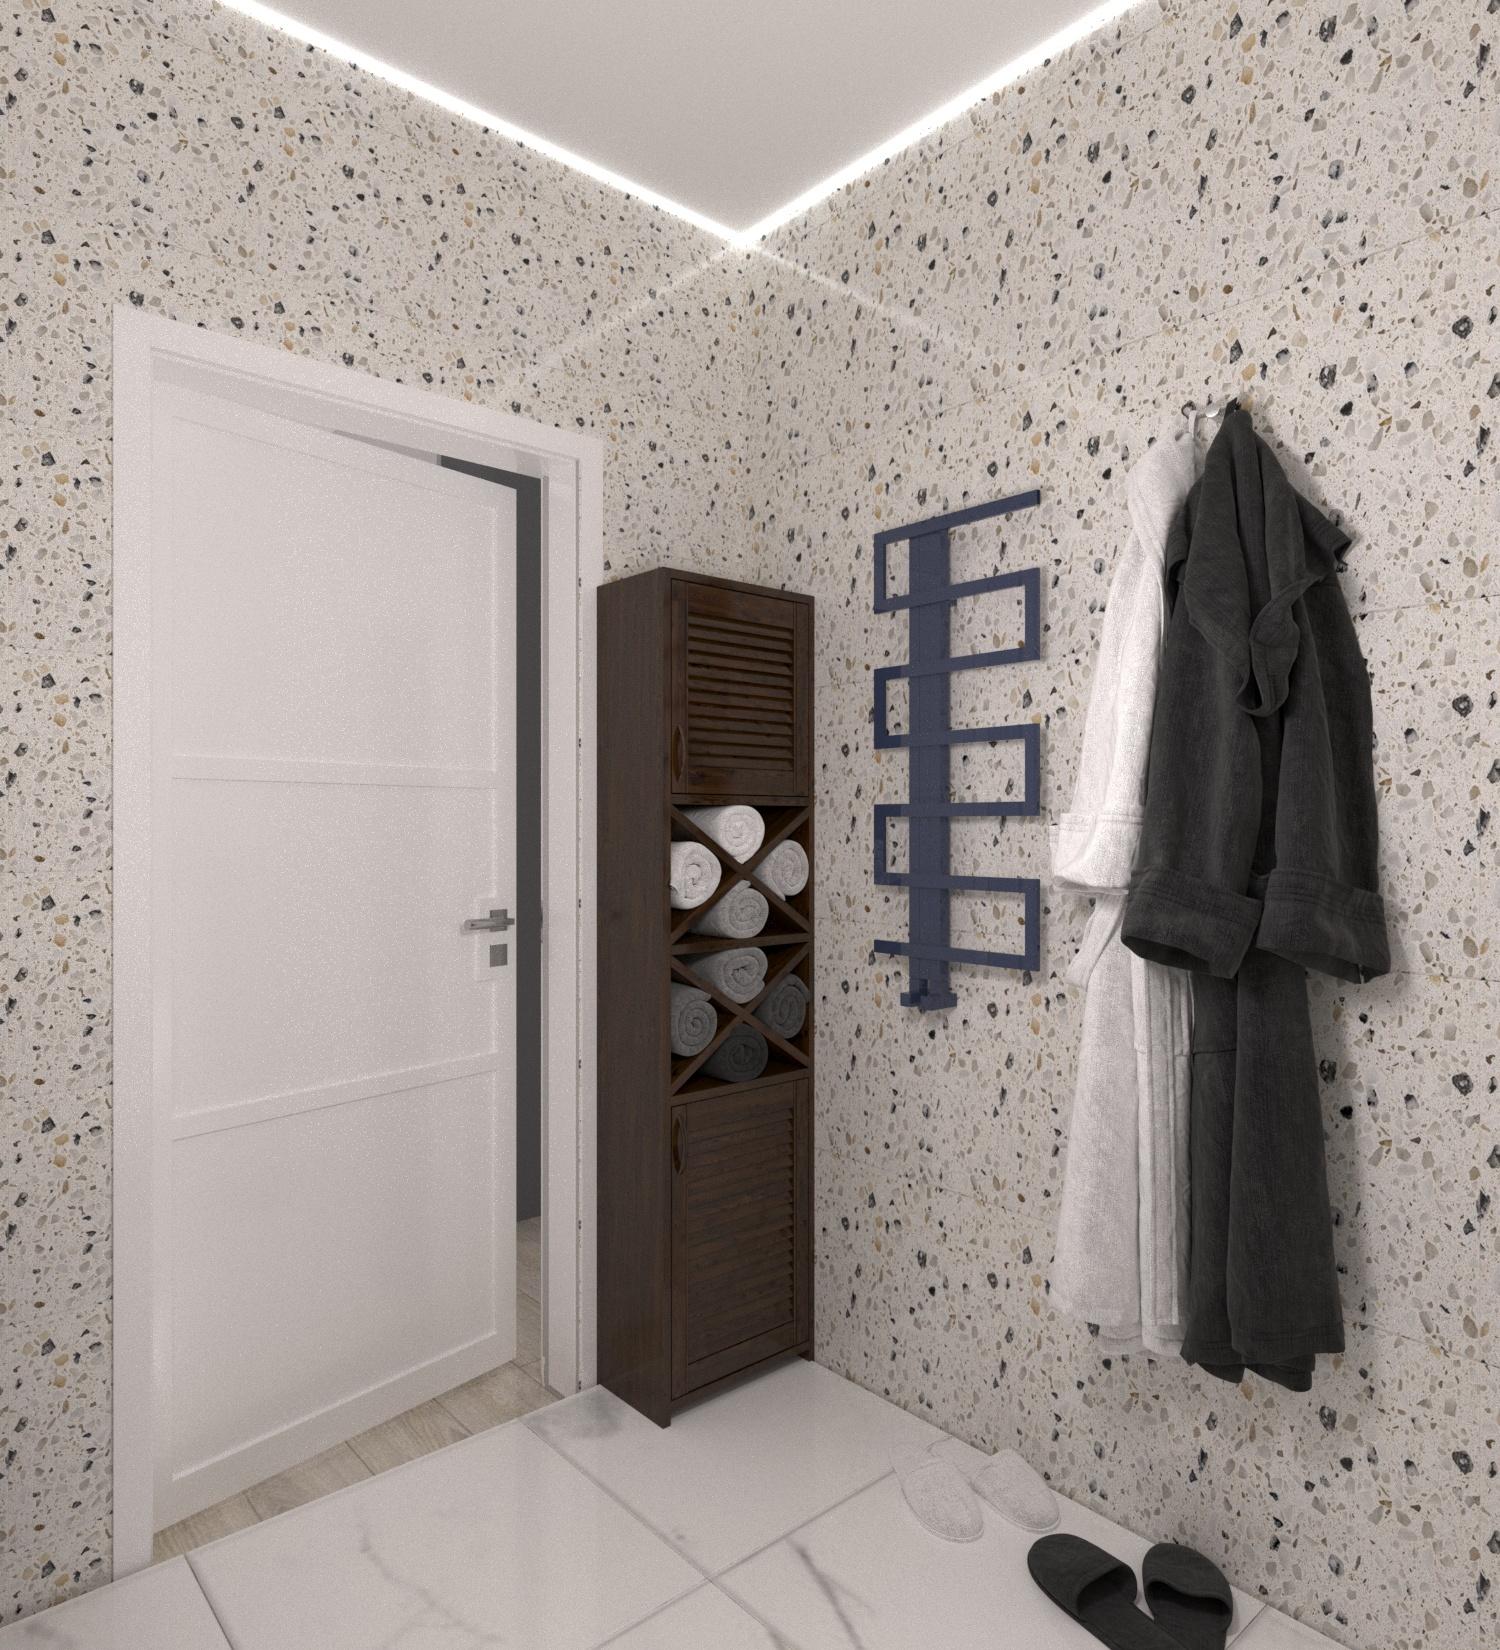 Проект квартири 47,5 кв.м по вул. Проскуровського Підпілля 165а - фото 17